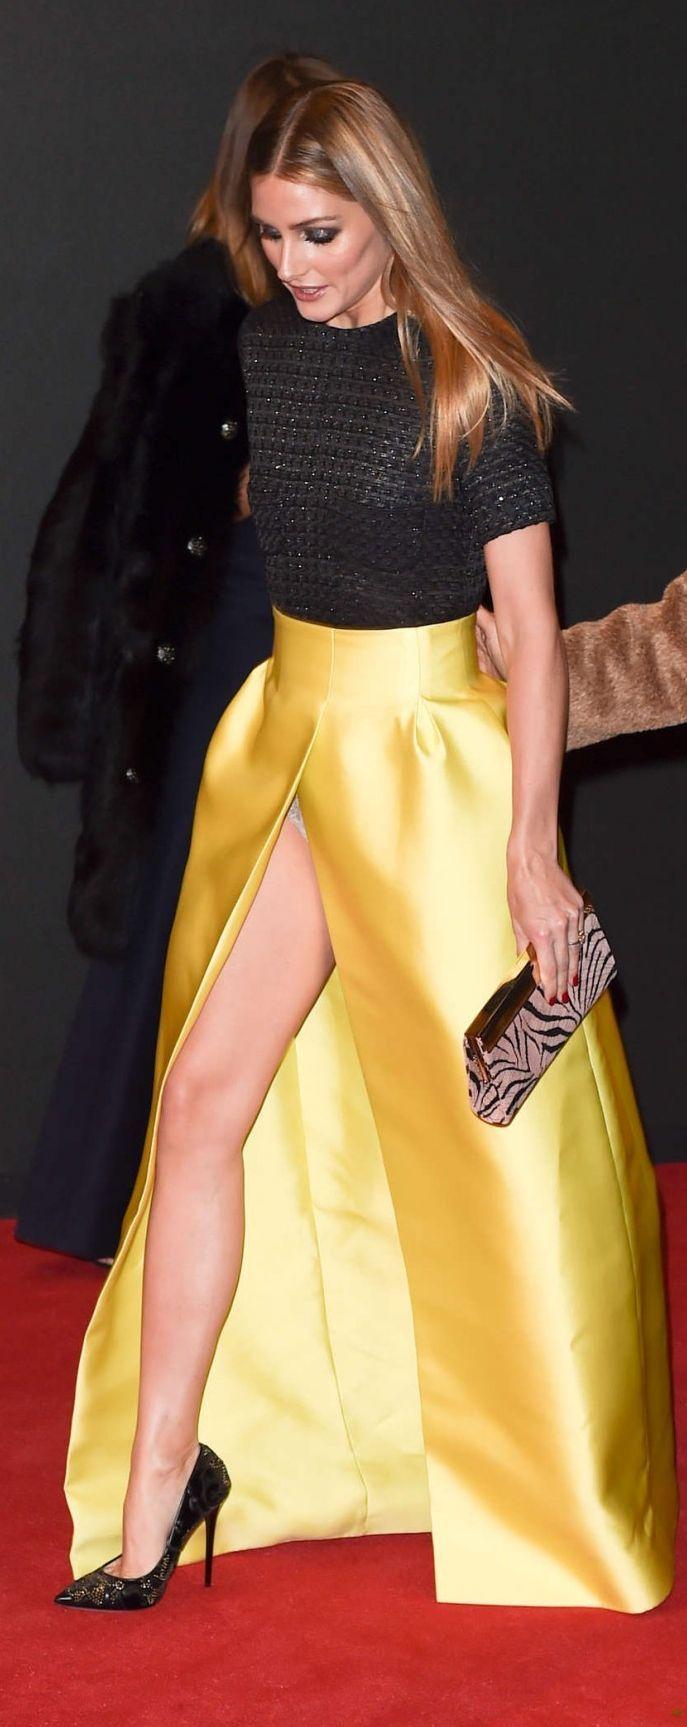 Falda dorada y apertura con corpiño negro